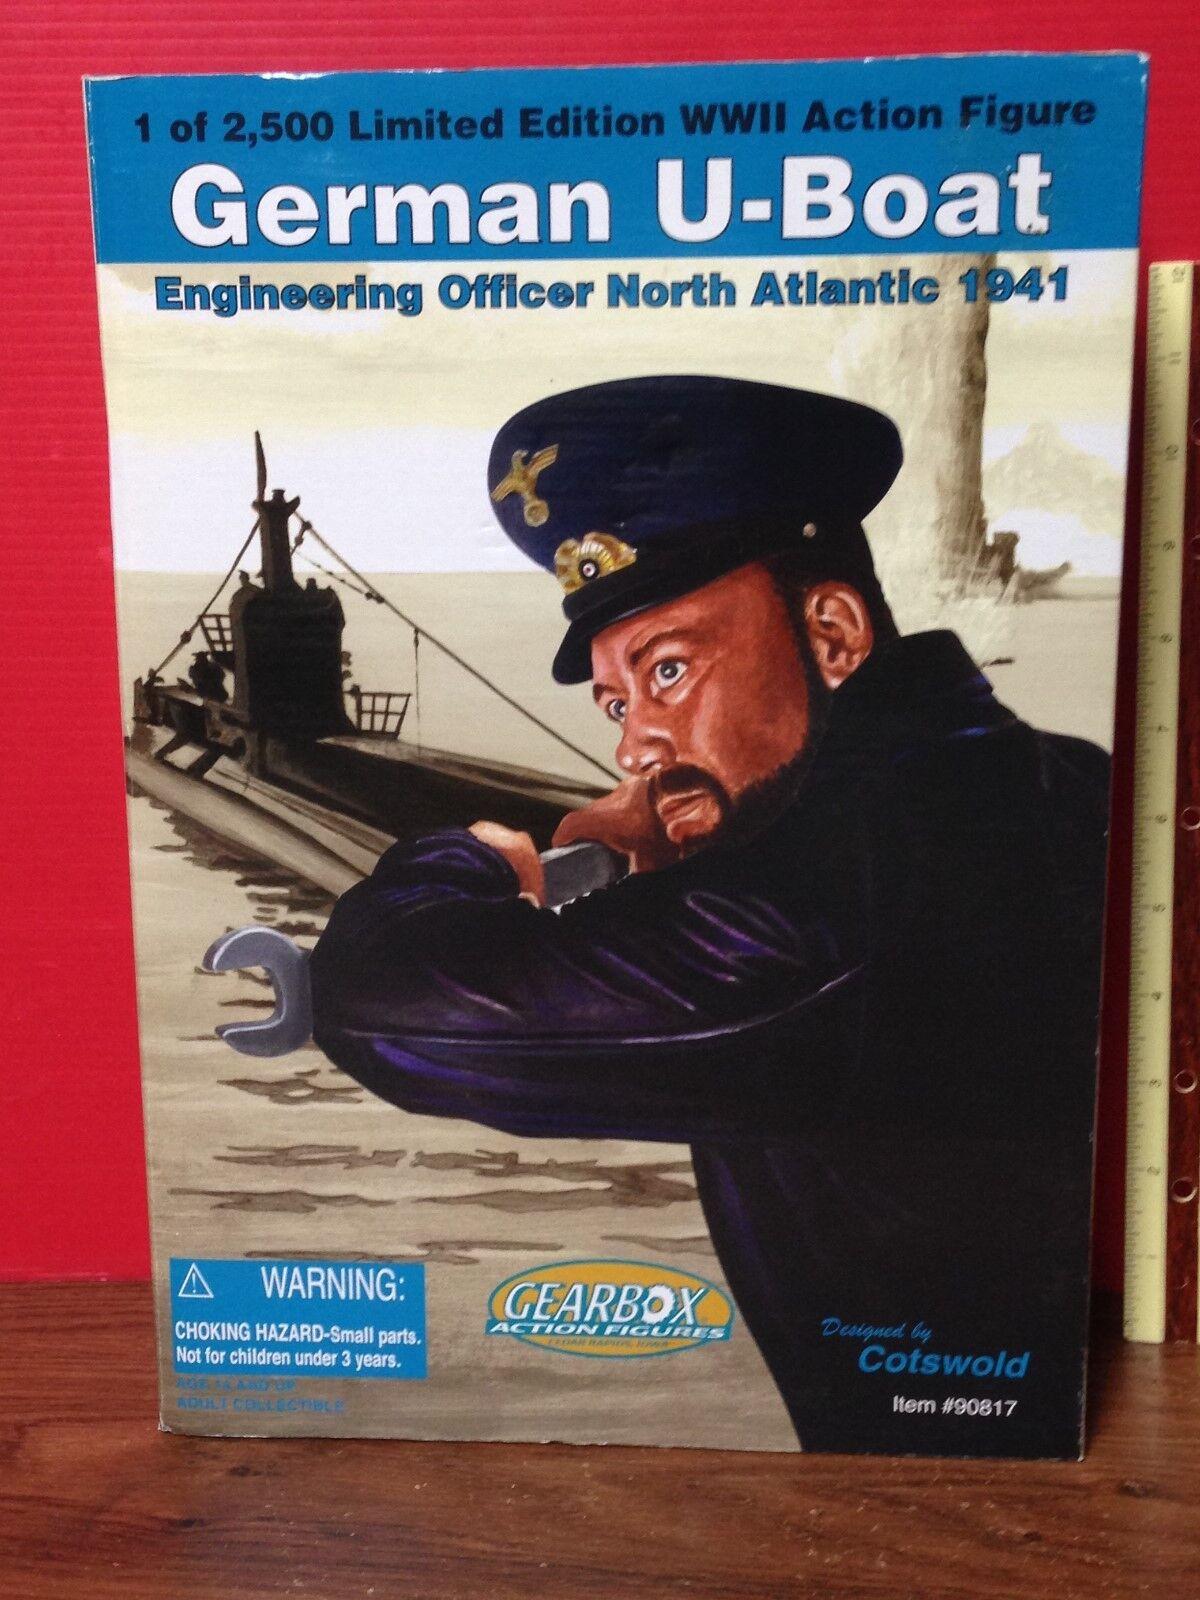 2002 Gearbox German U-Boat Engineering Officer North Atlantic 1941 Action Figure